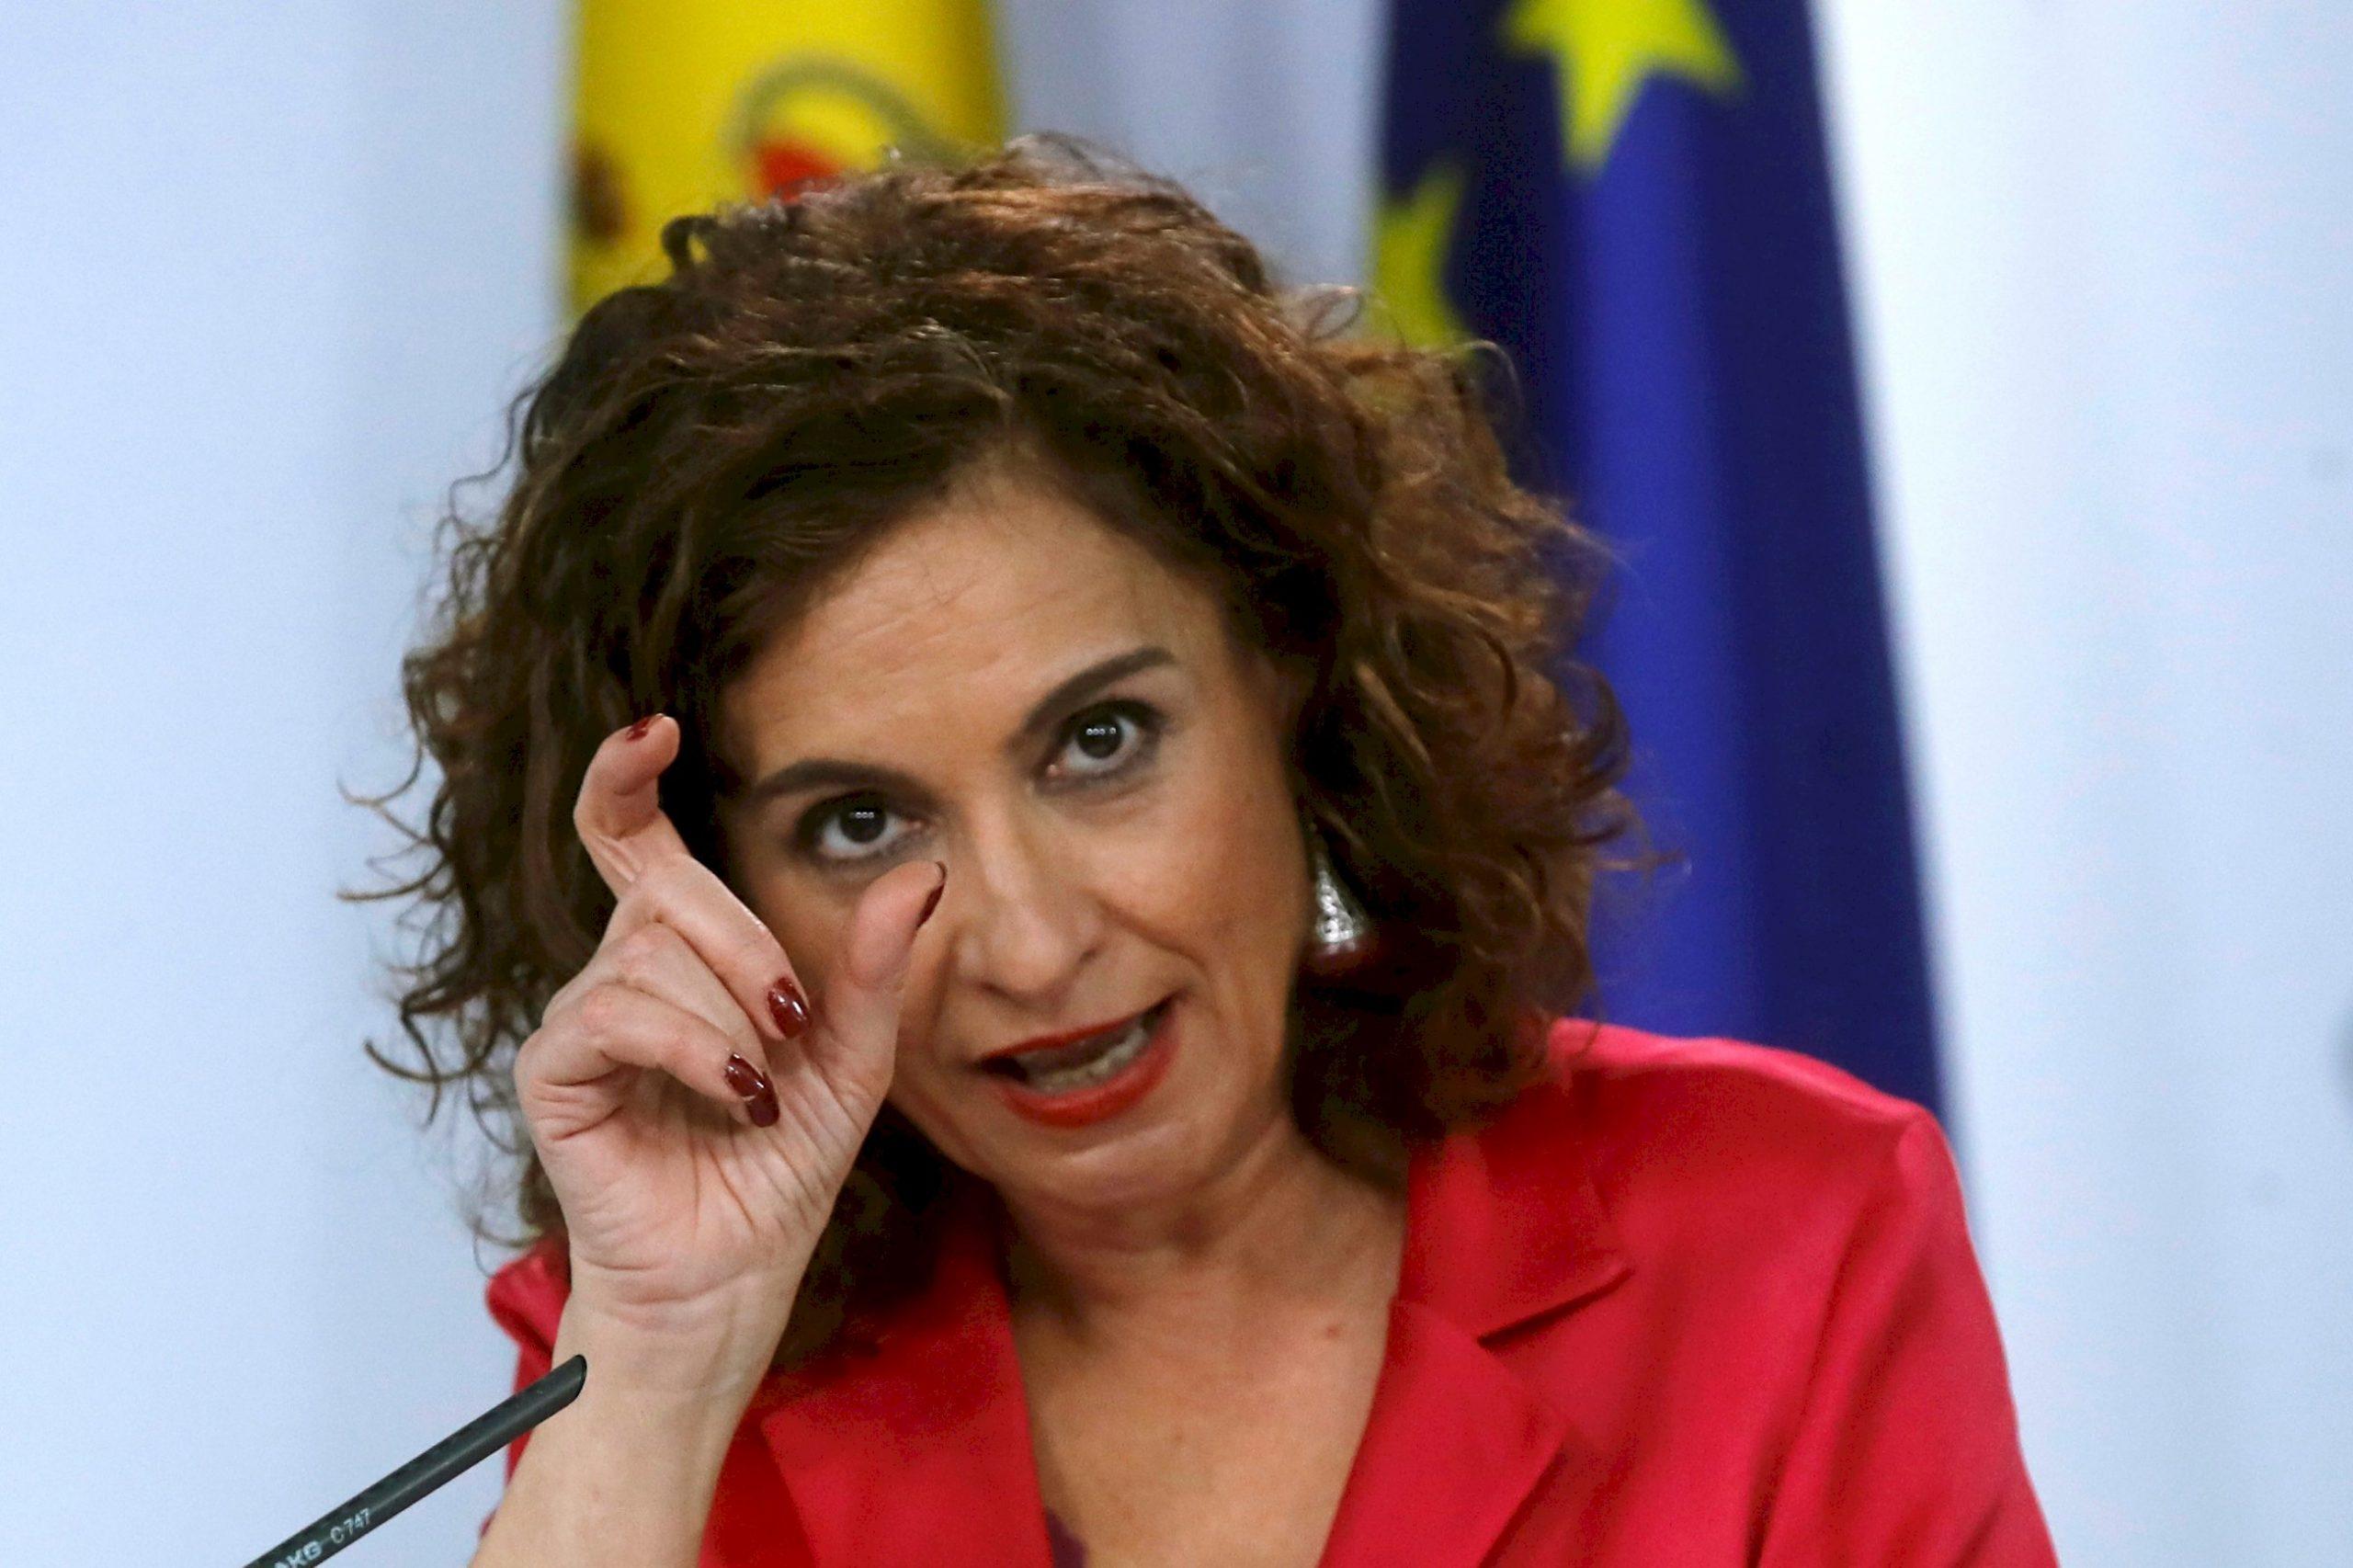 Coyuntura: Así es la subida de impuestos que cocina el Gobierno | Autor del artículo: Esther García López